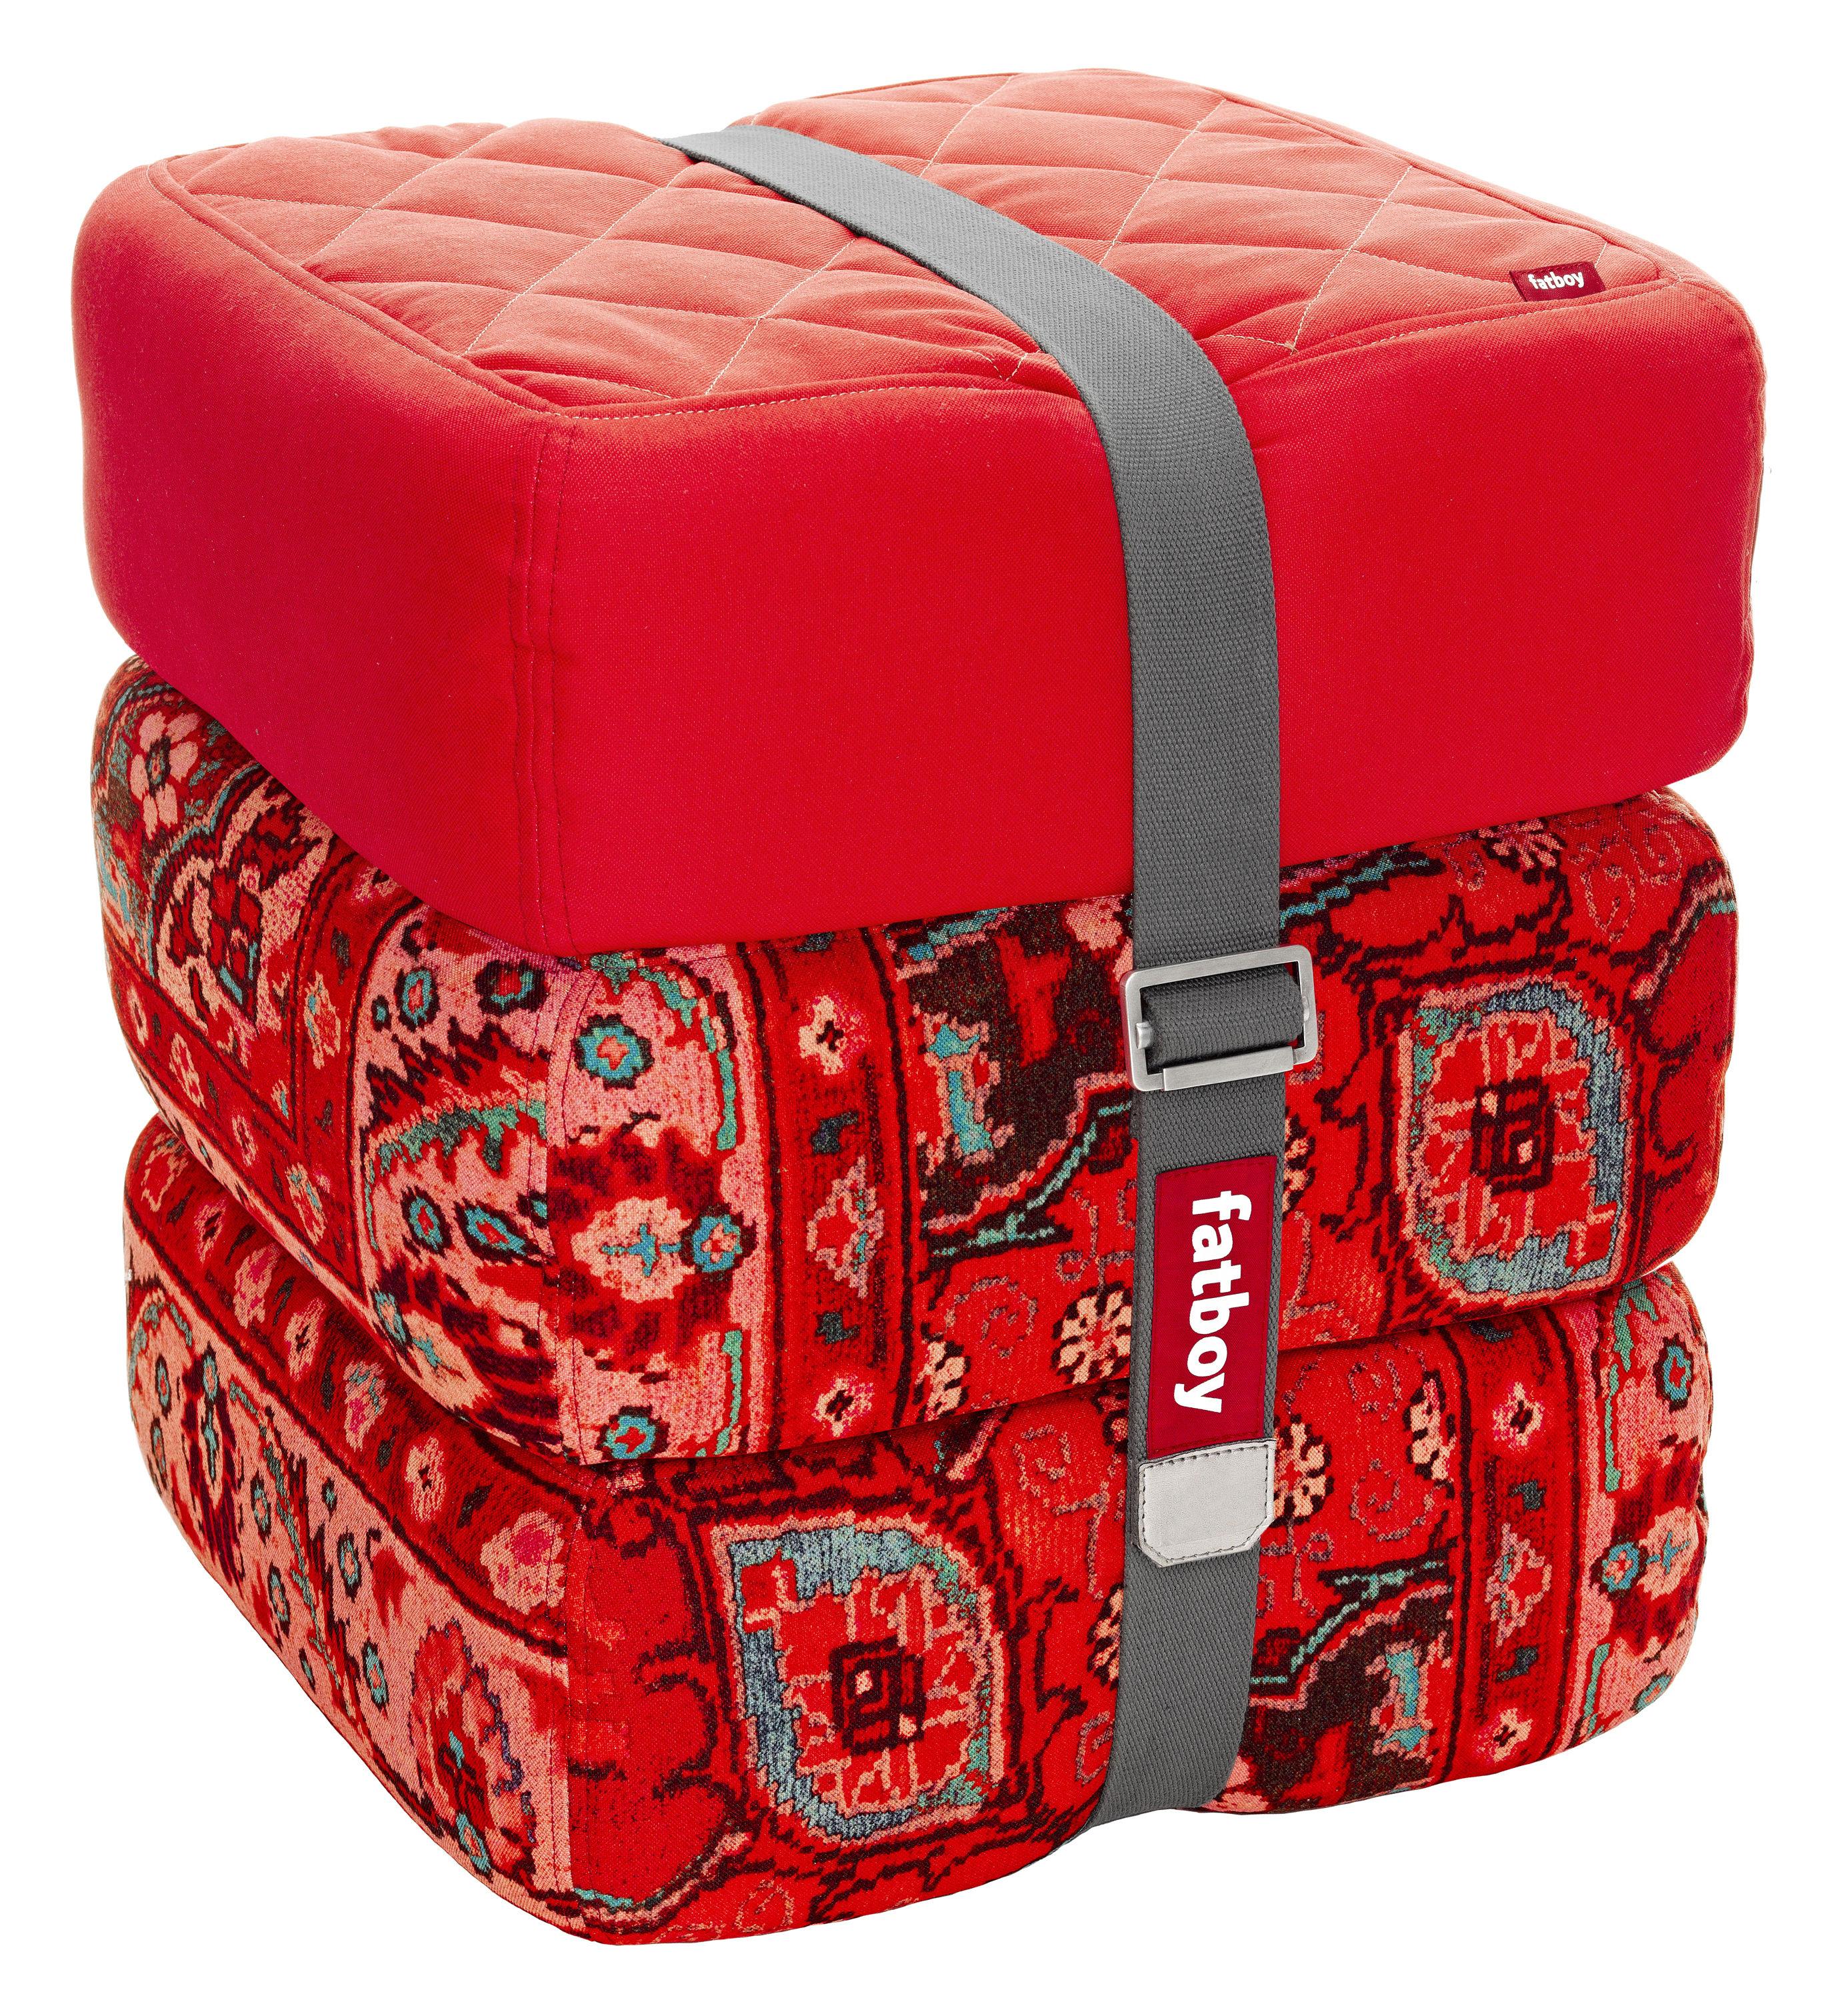 Pouf baboesjka set 3 coussins de sol rouge rouge persan fatboy - Coussin de sol fatboy ...